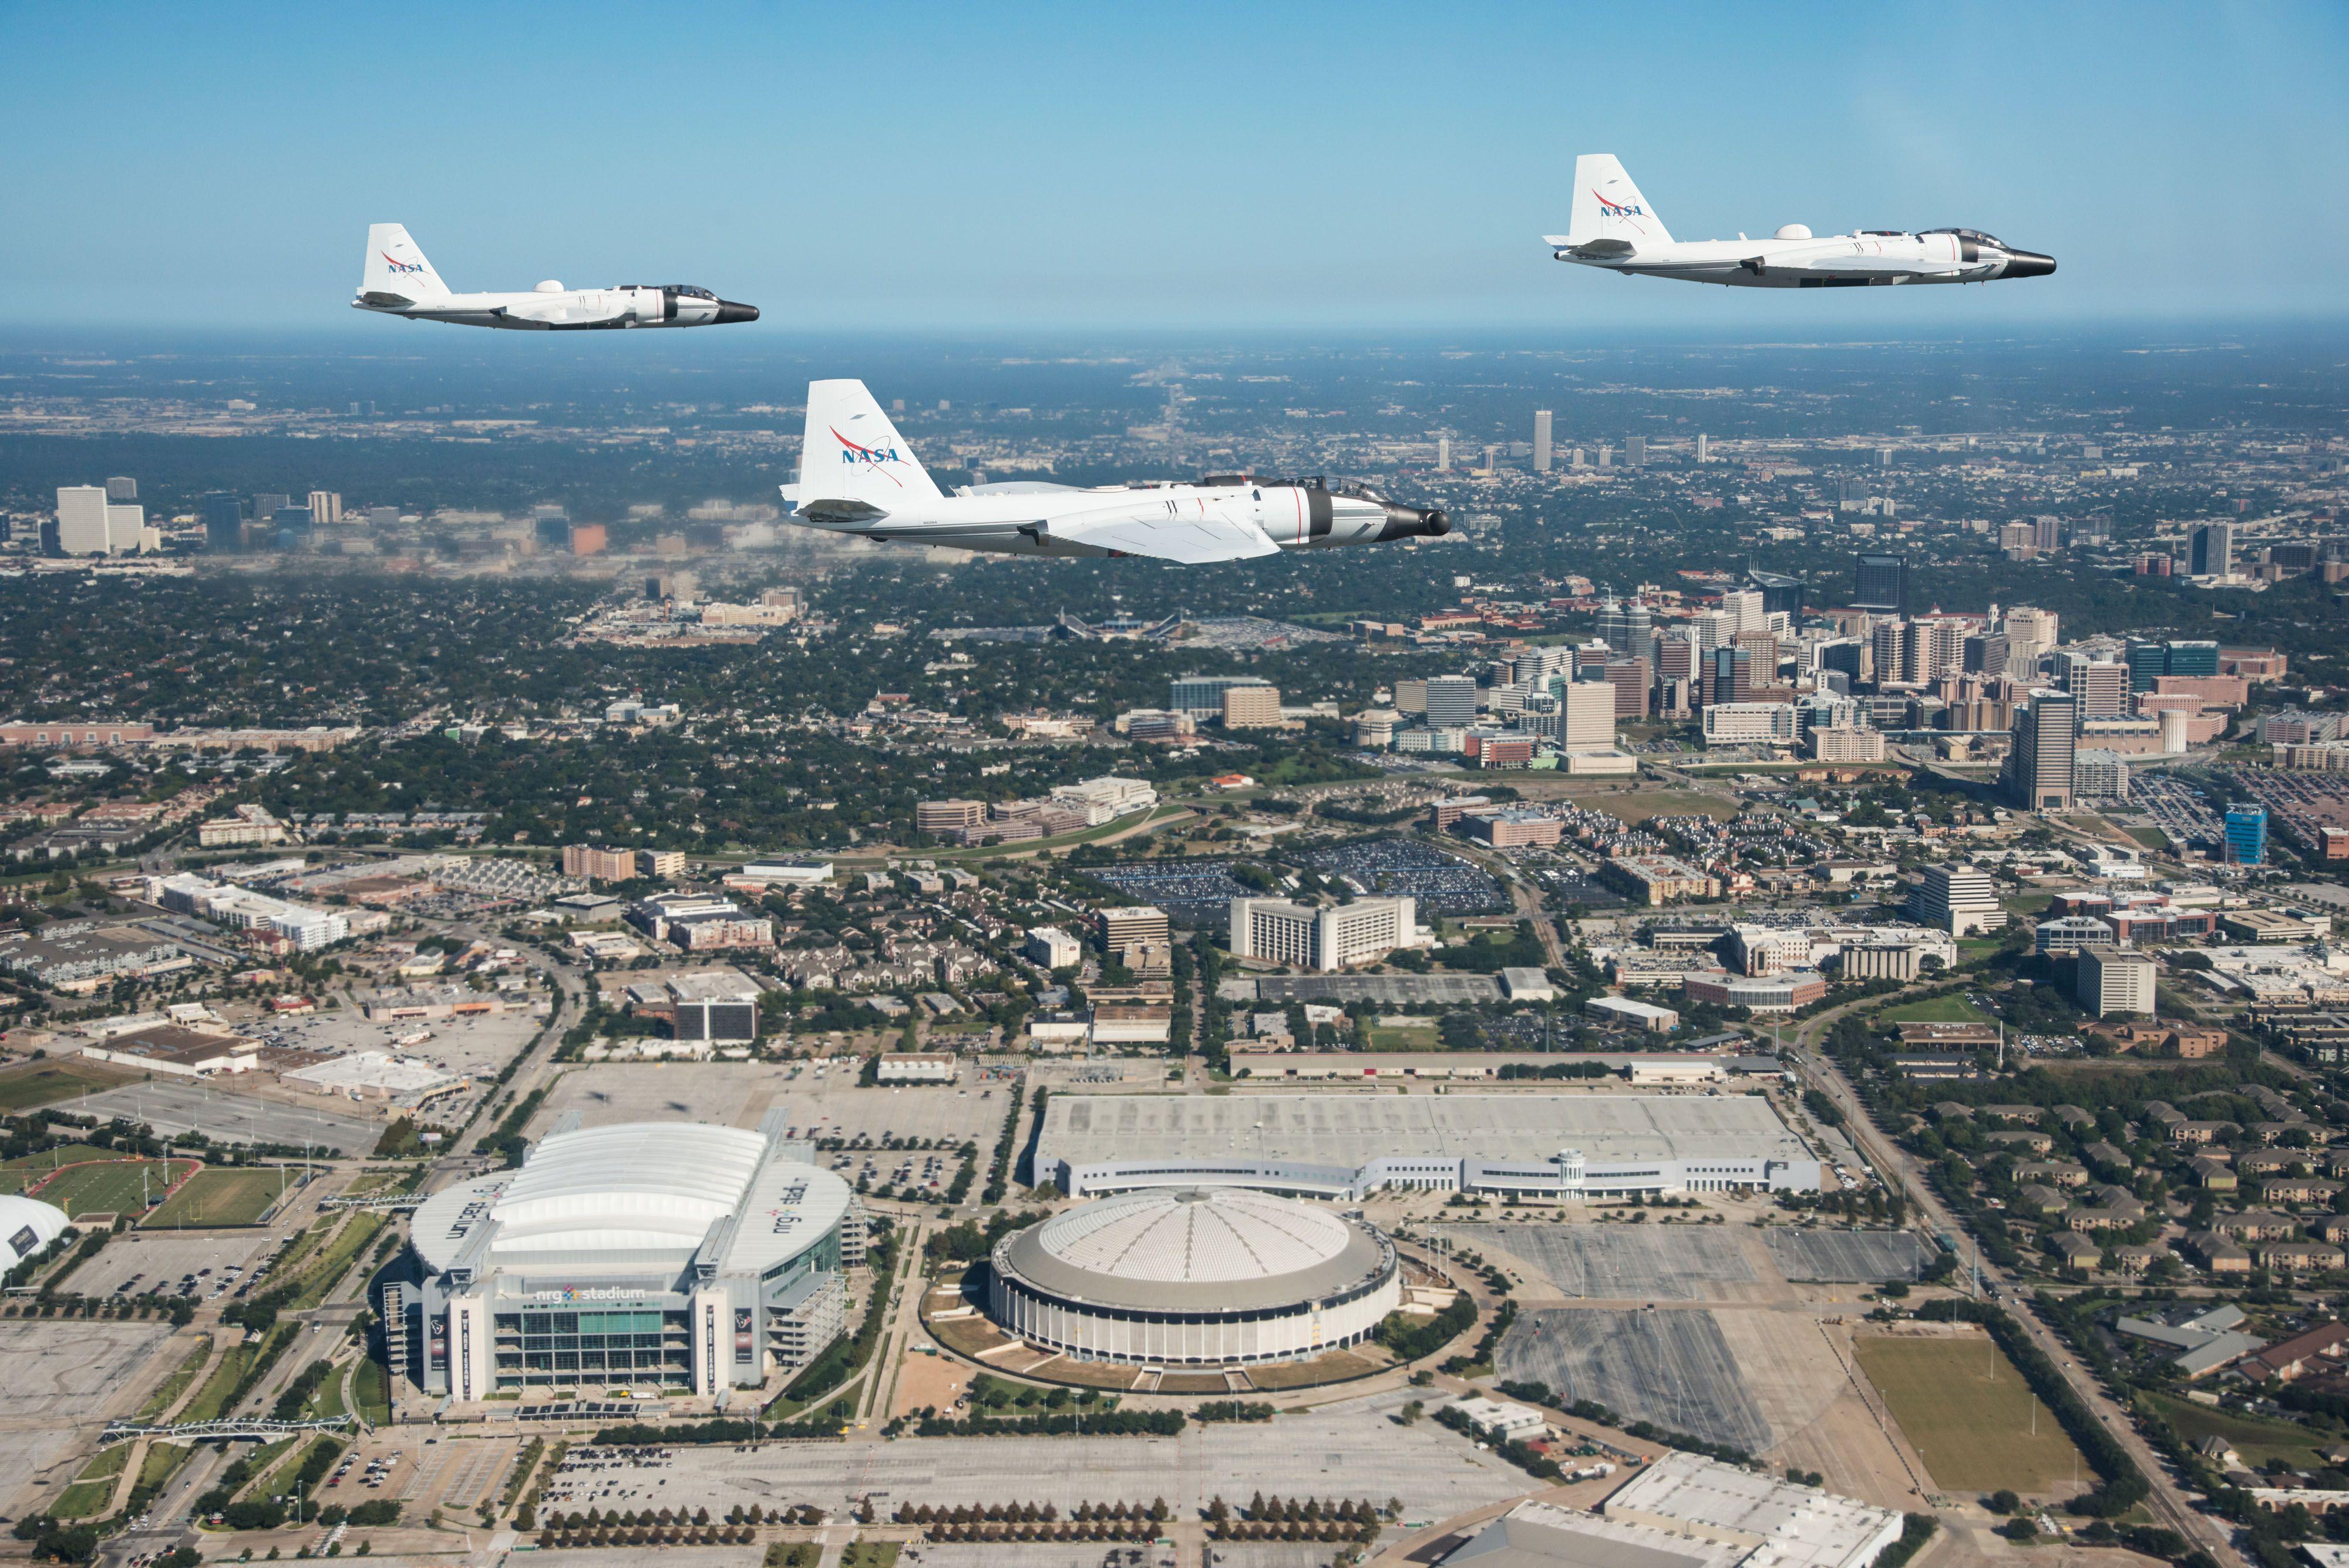 WB57 still flying in 2017. Refit Bomber Aircraft Will